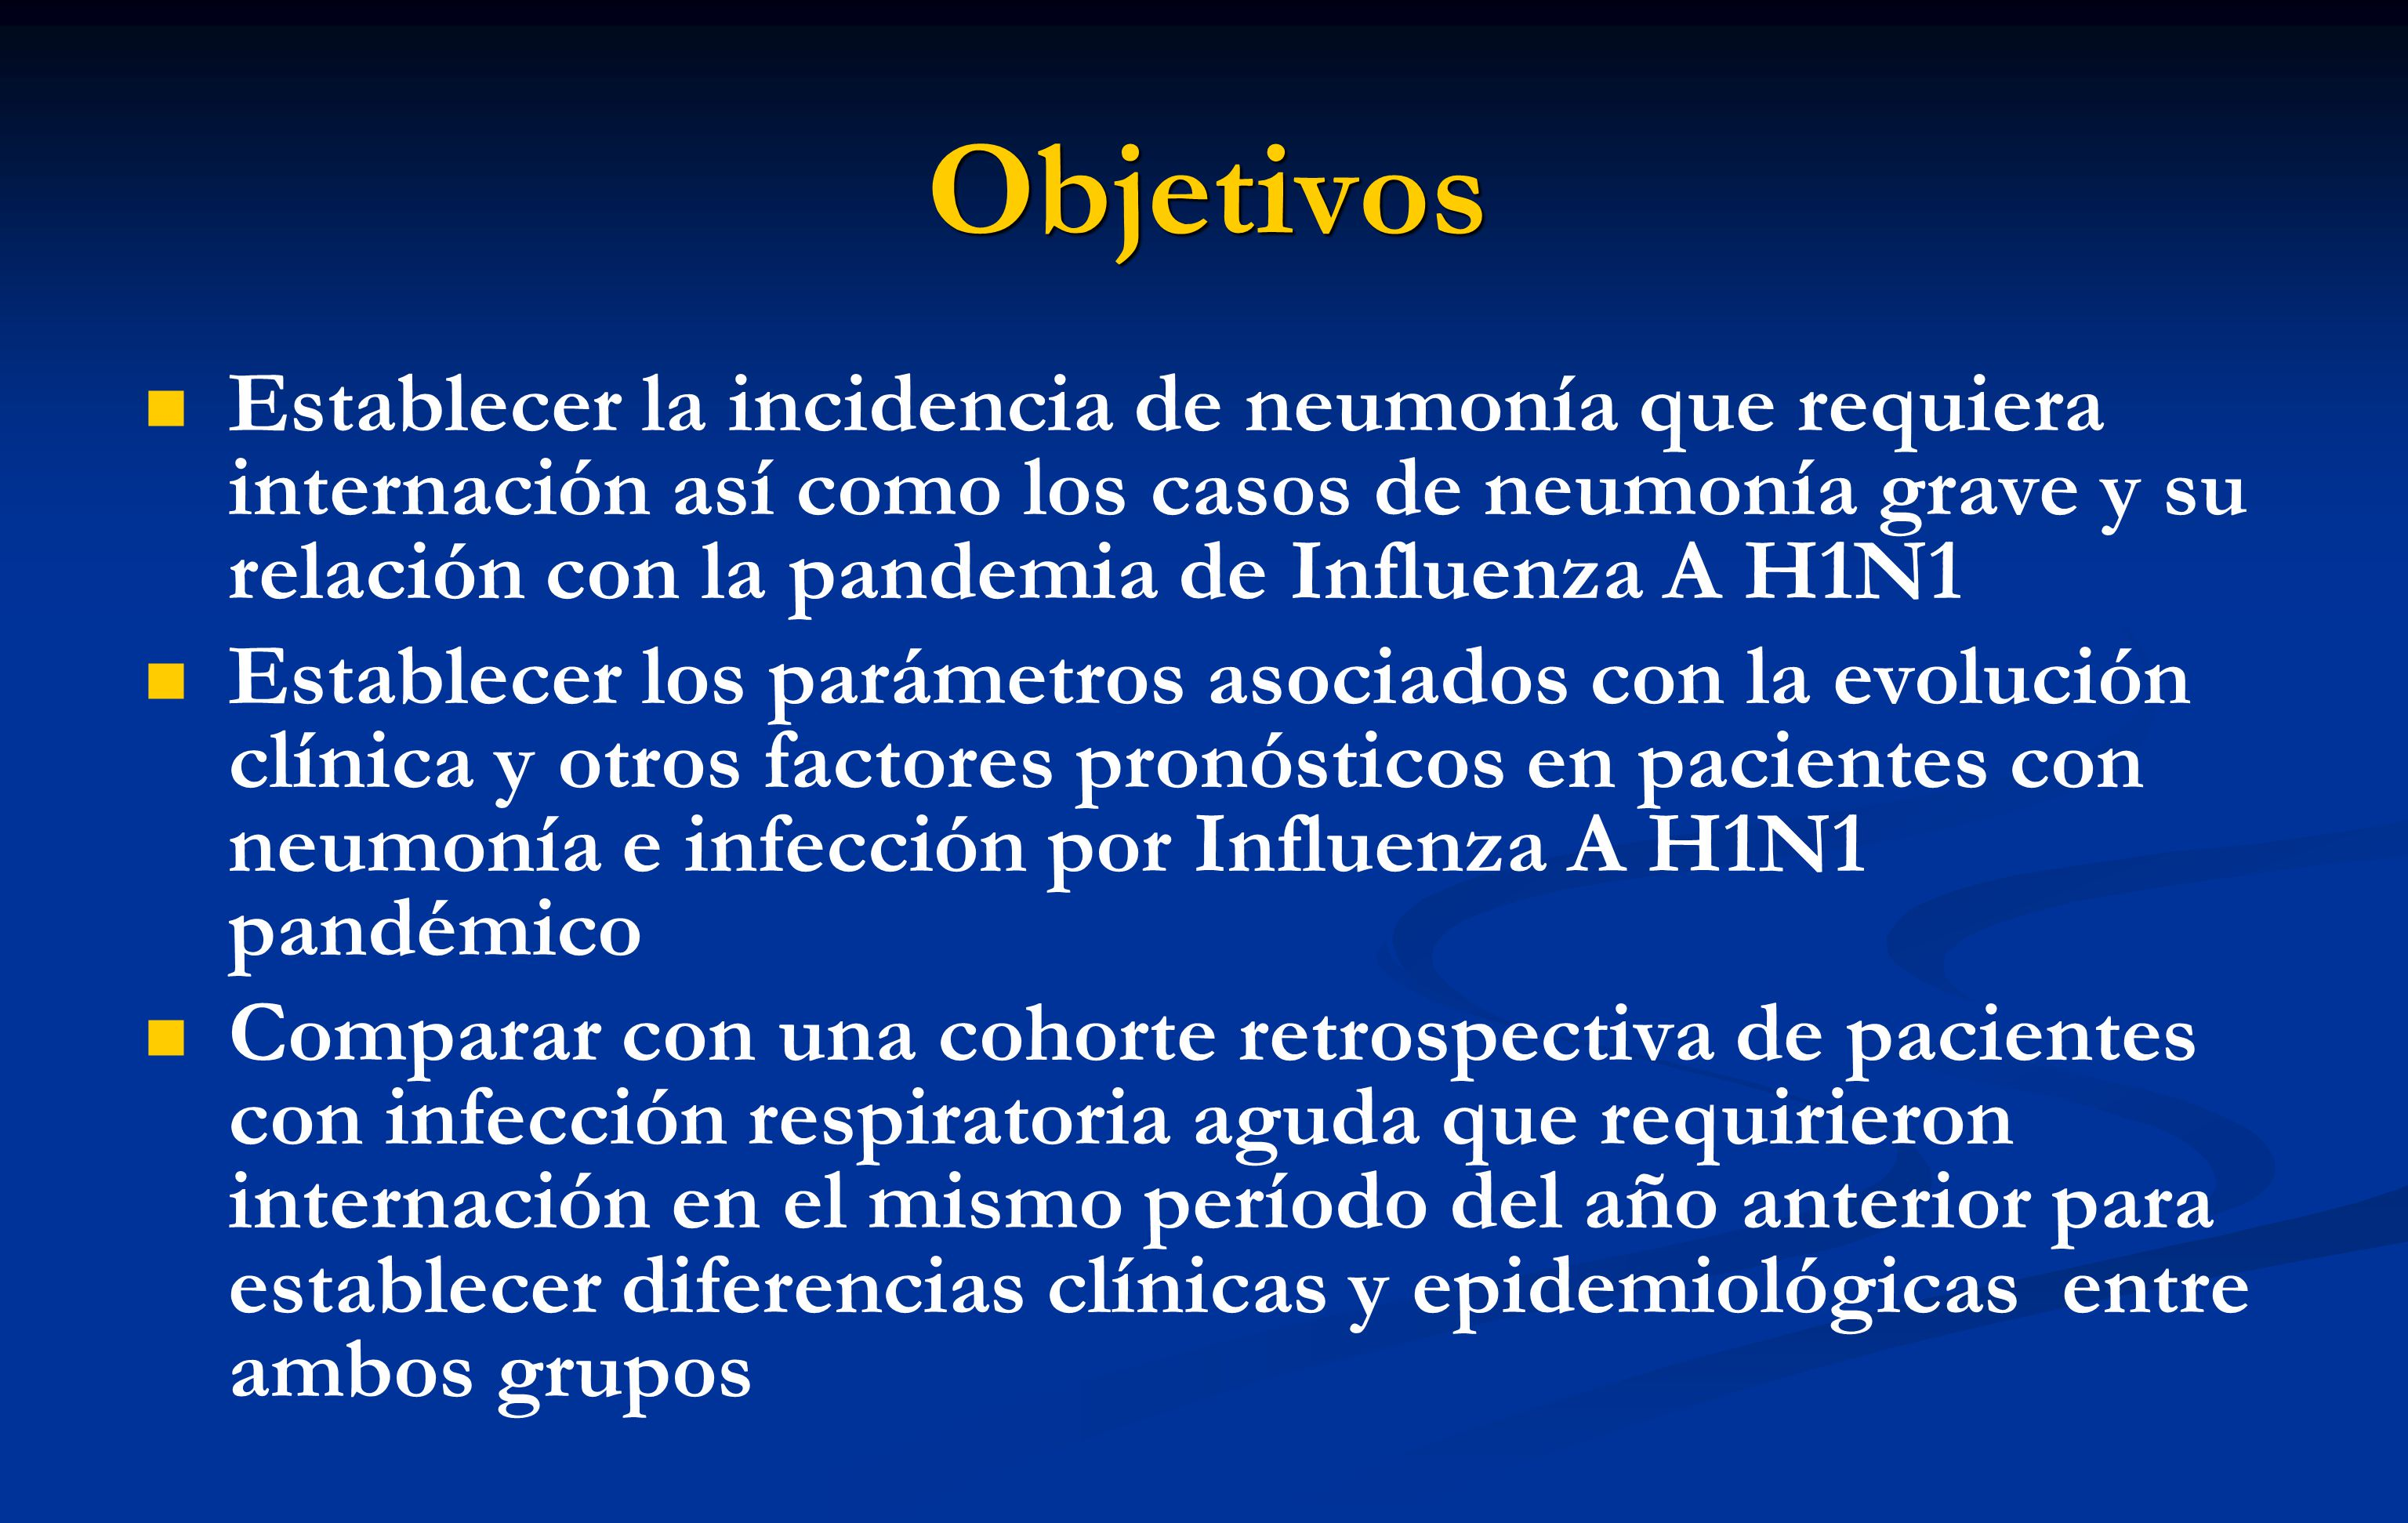 Objetivos Establecer la incidencia de neumonía que requiera internación así como los casos de neumonía grave y su relación con la pandemia de Influenz